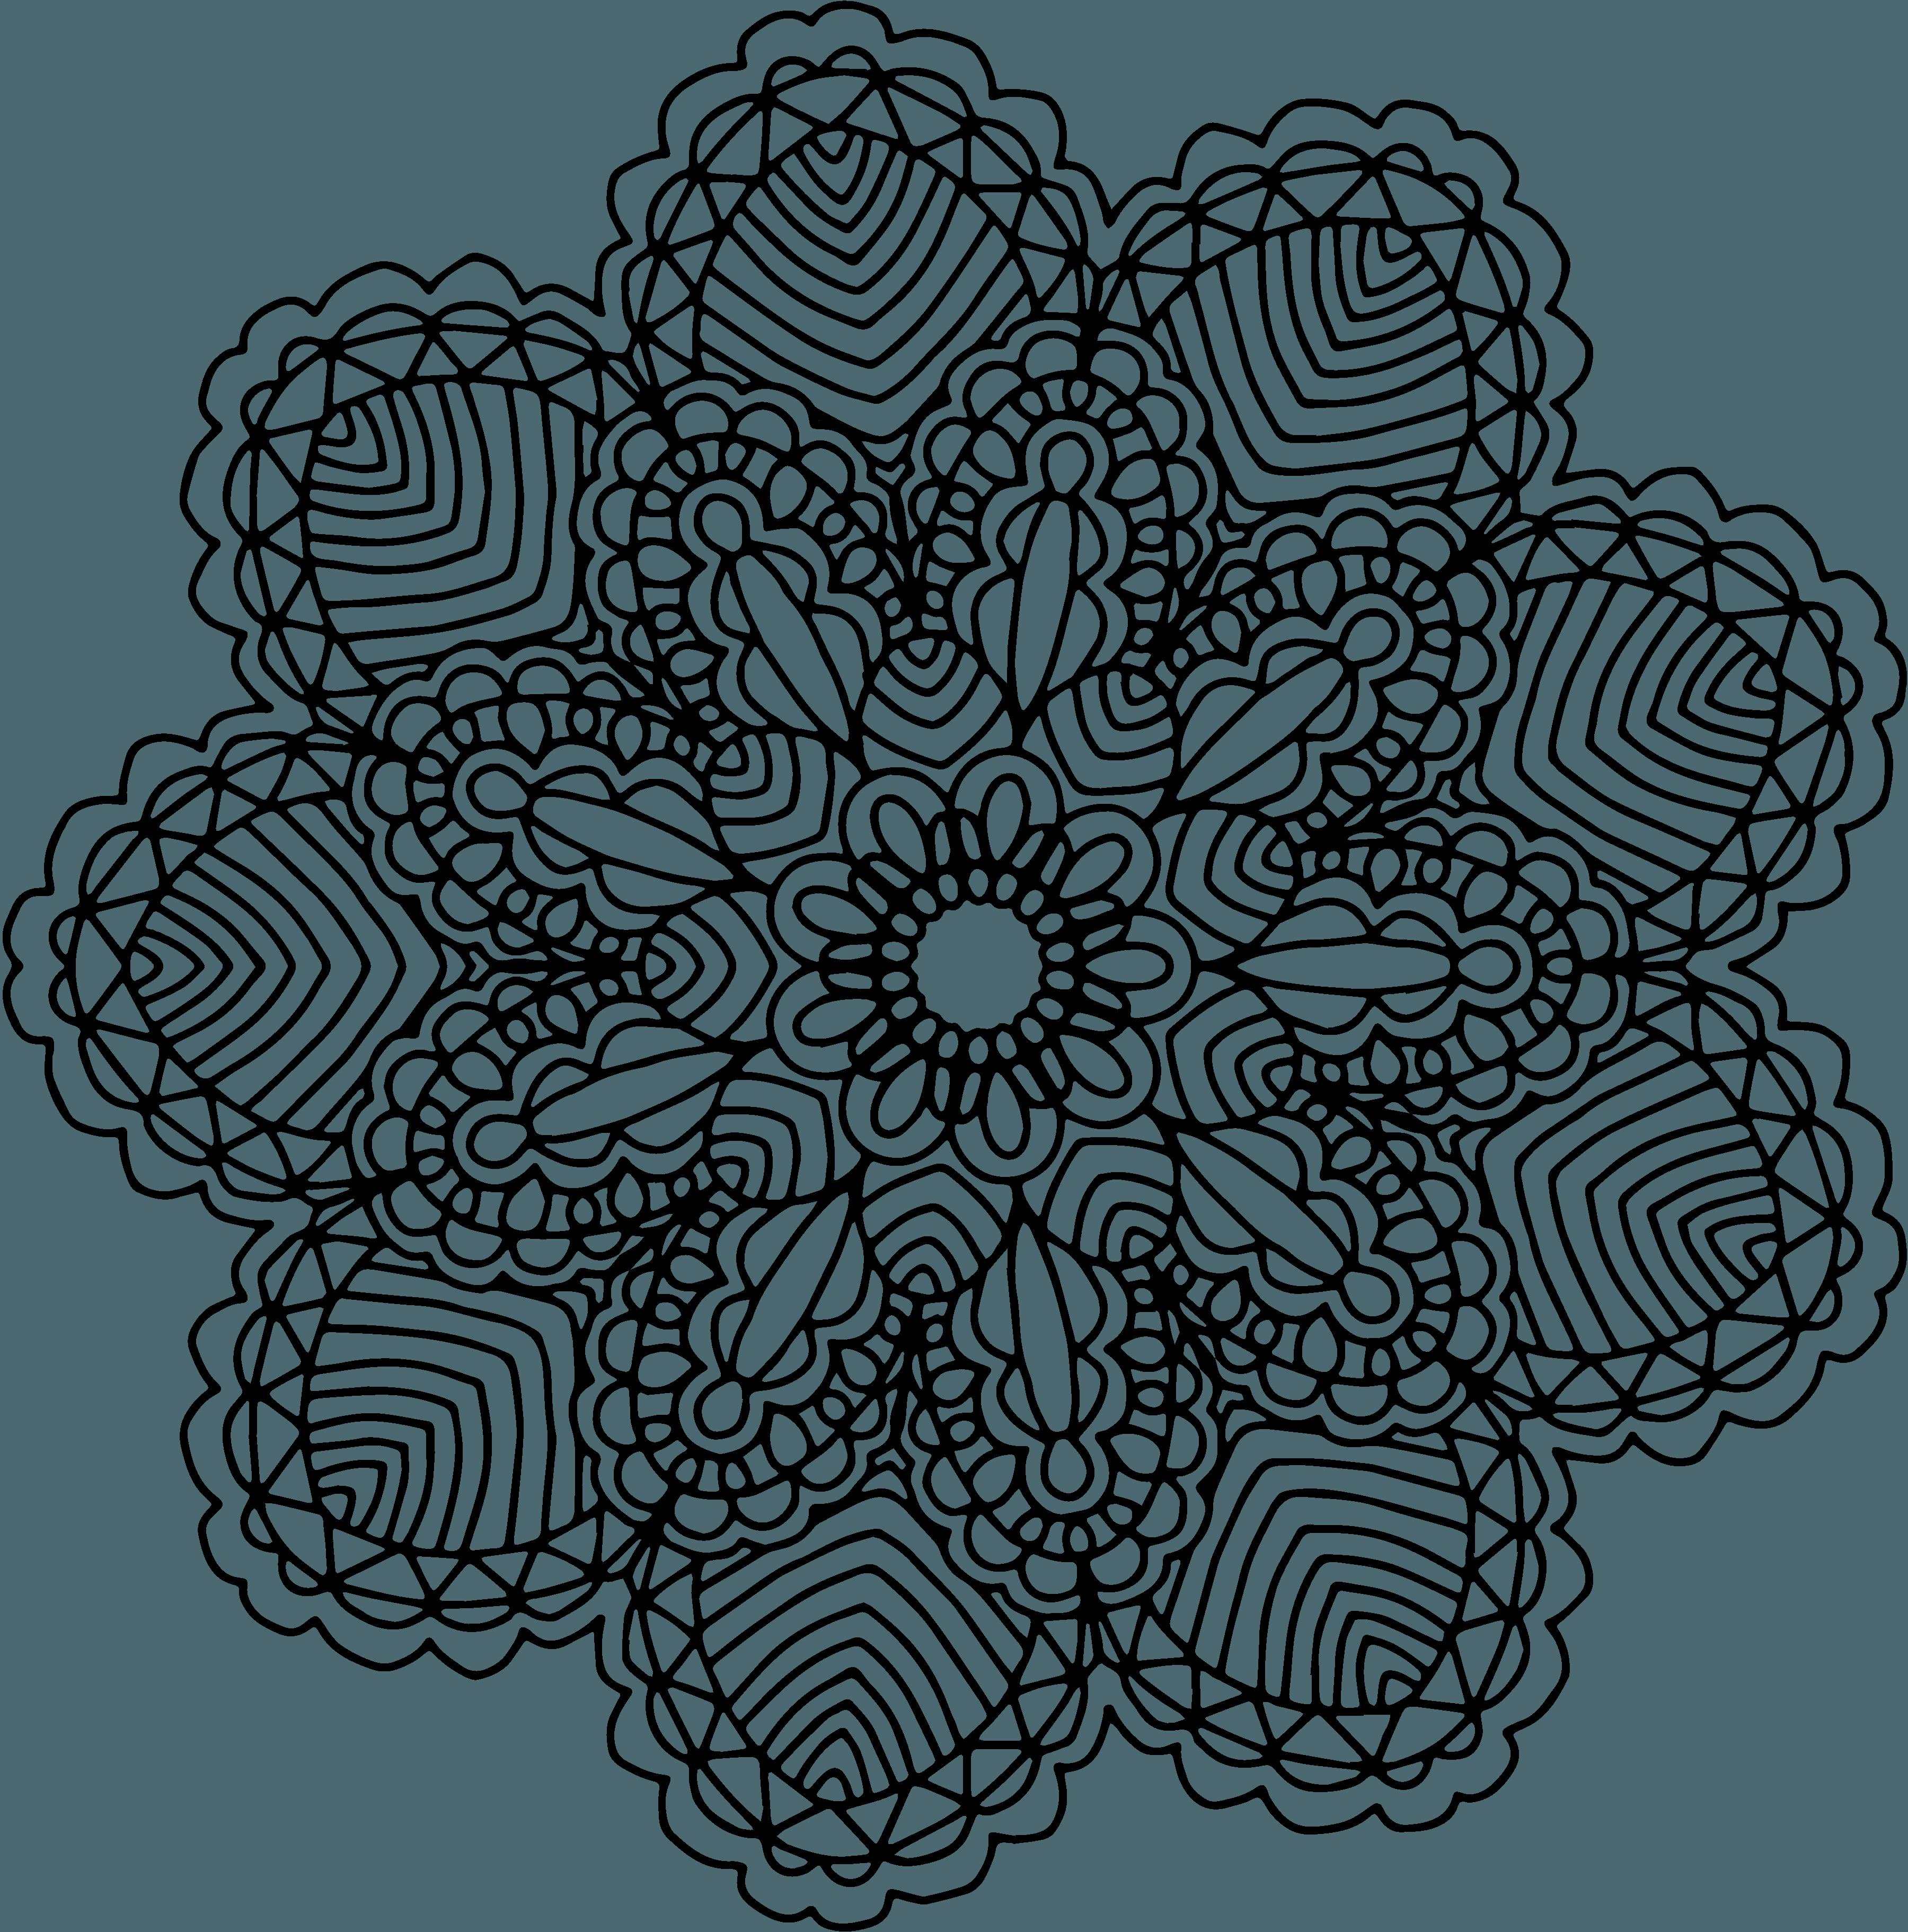 Mandala initial